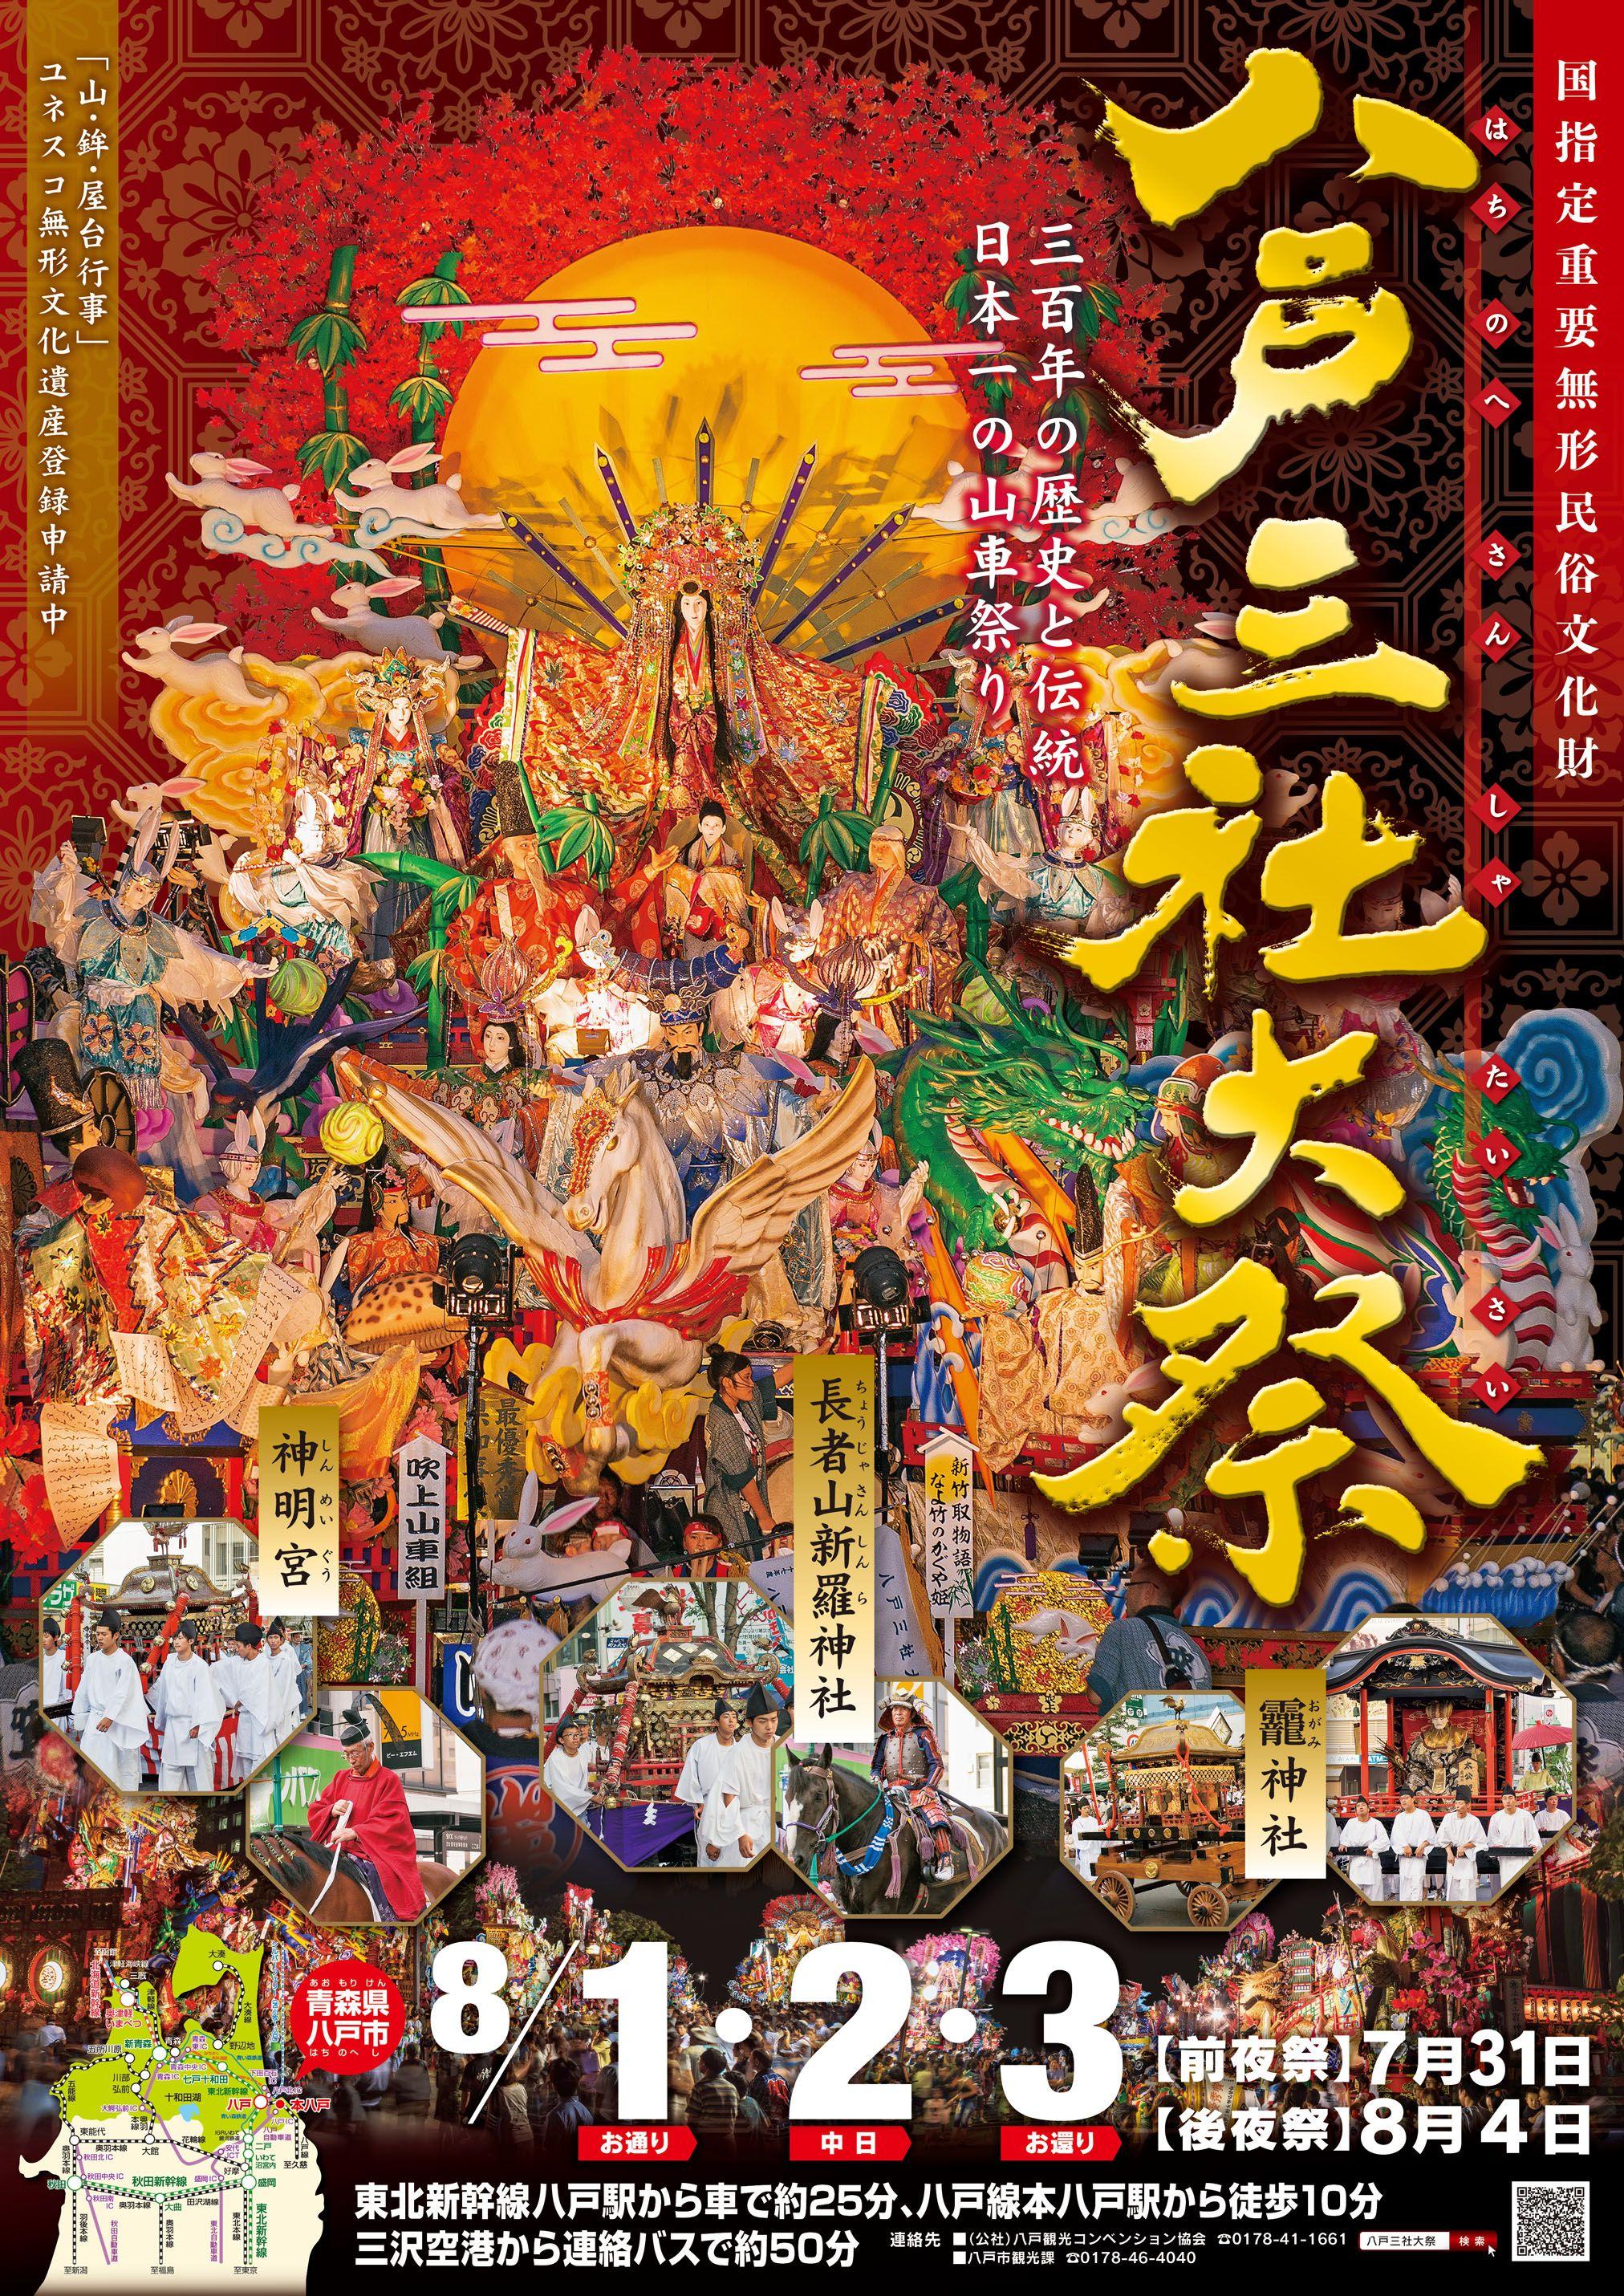 八戸三社大祭2016ポスター 三百年の歴史と伝統 日本一の山車祭り